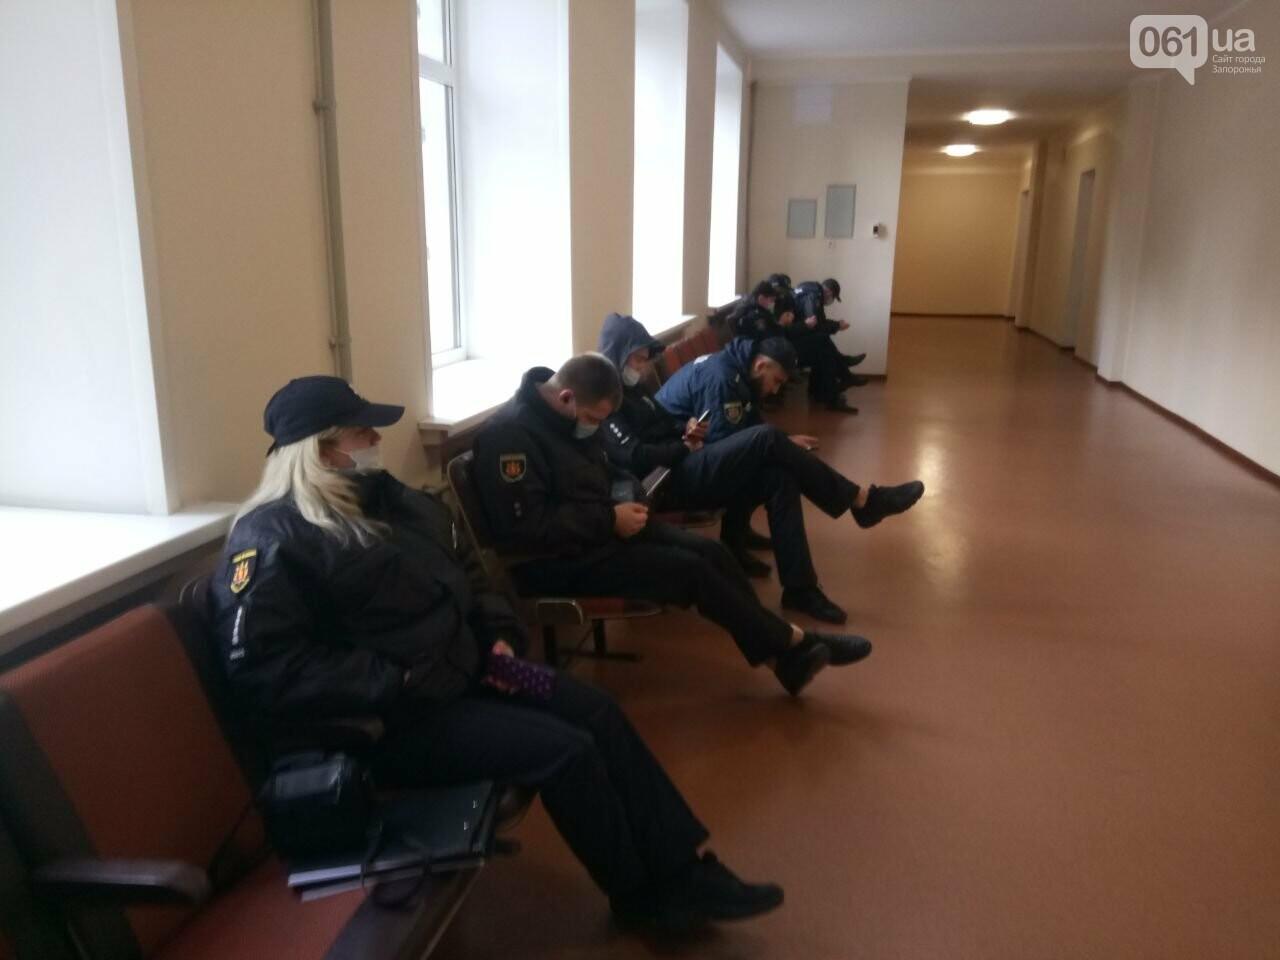 Запорожские депутаты собрались на сессию, на которую не пускают журналистов: почему это незаконно , фото-2